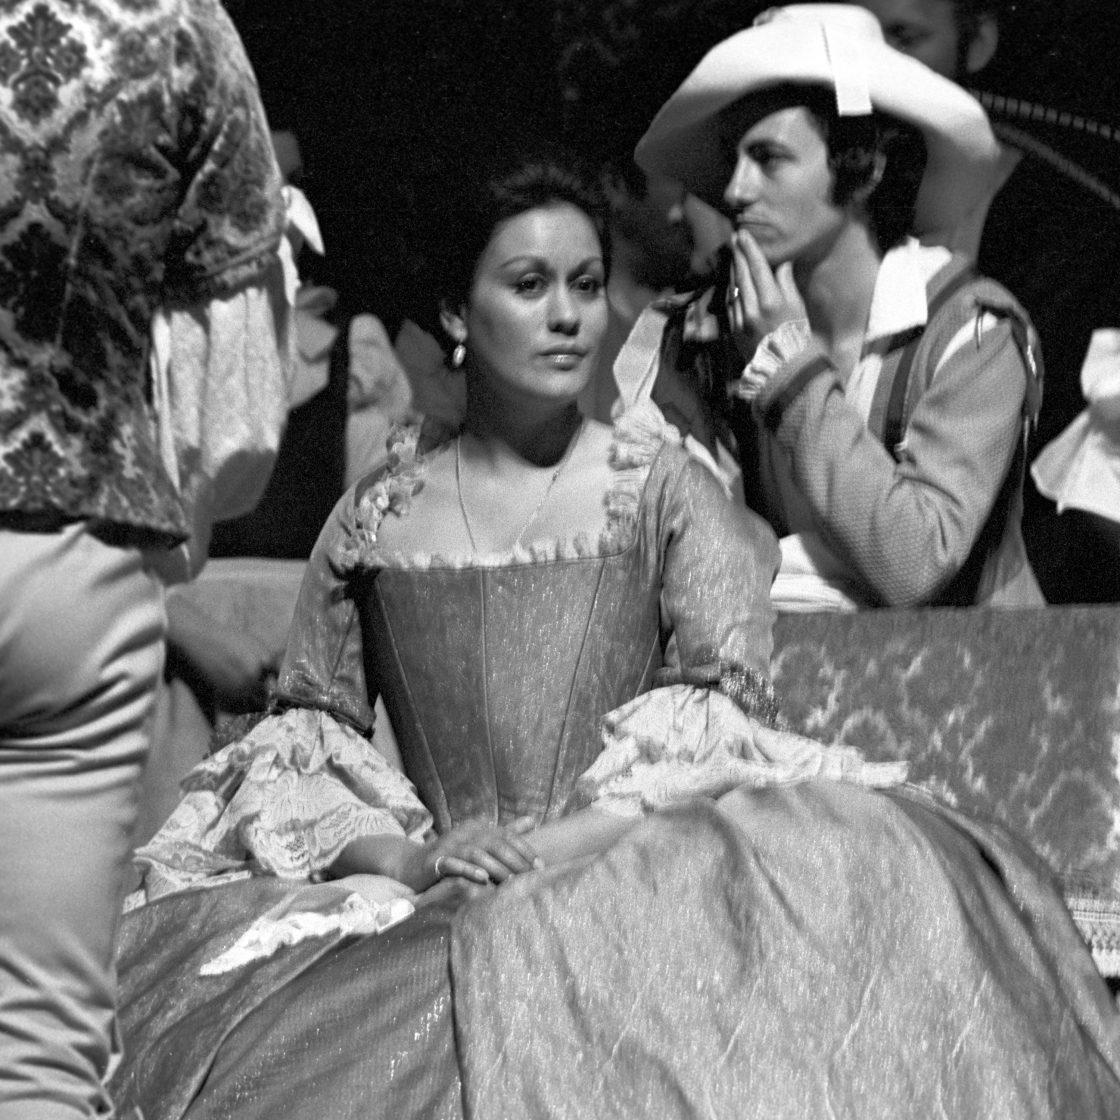 Kiri Te Kanawa in Le nozze di Figaro, 1974.